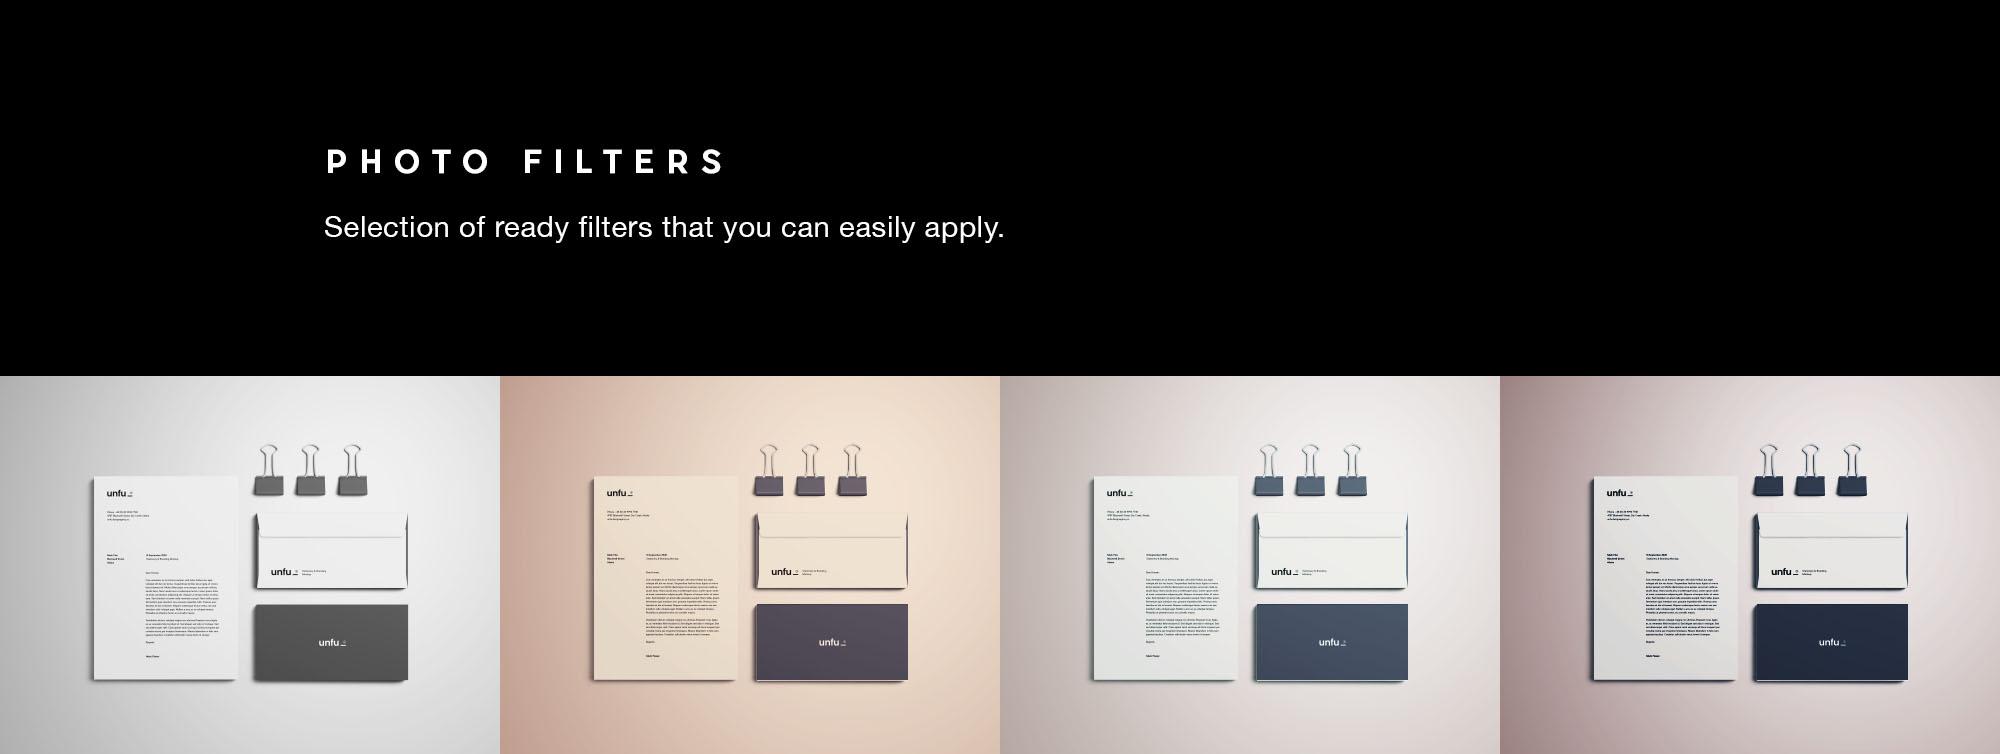 Branding Mockup - Render Filters